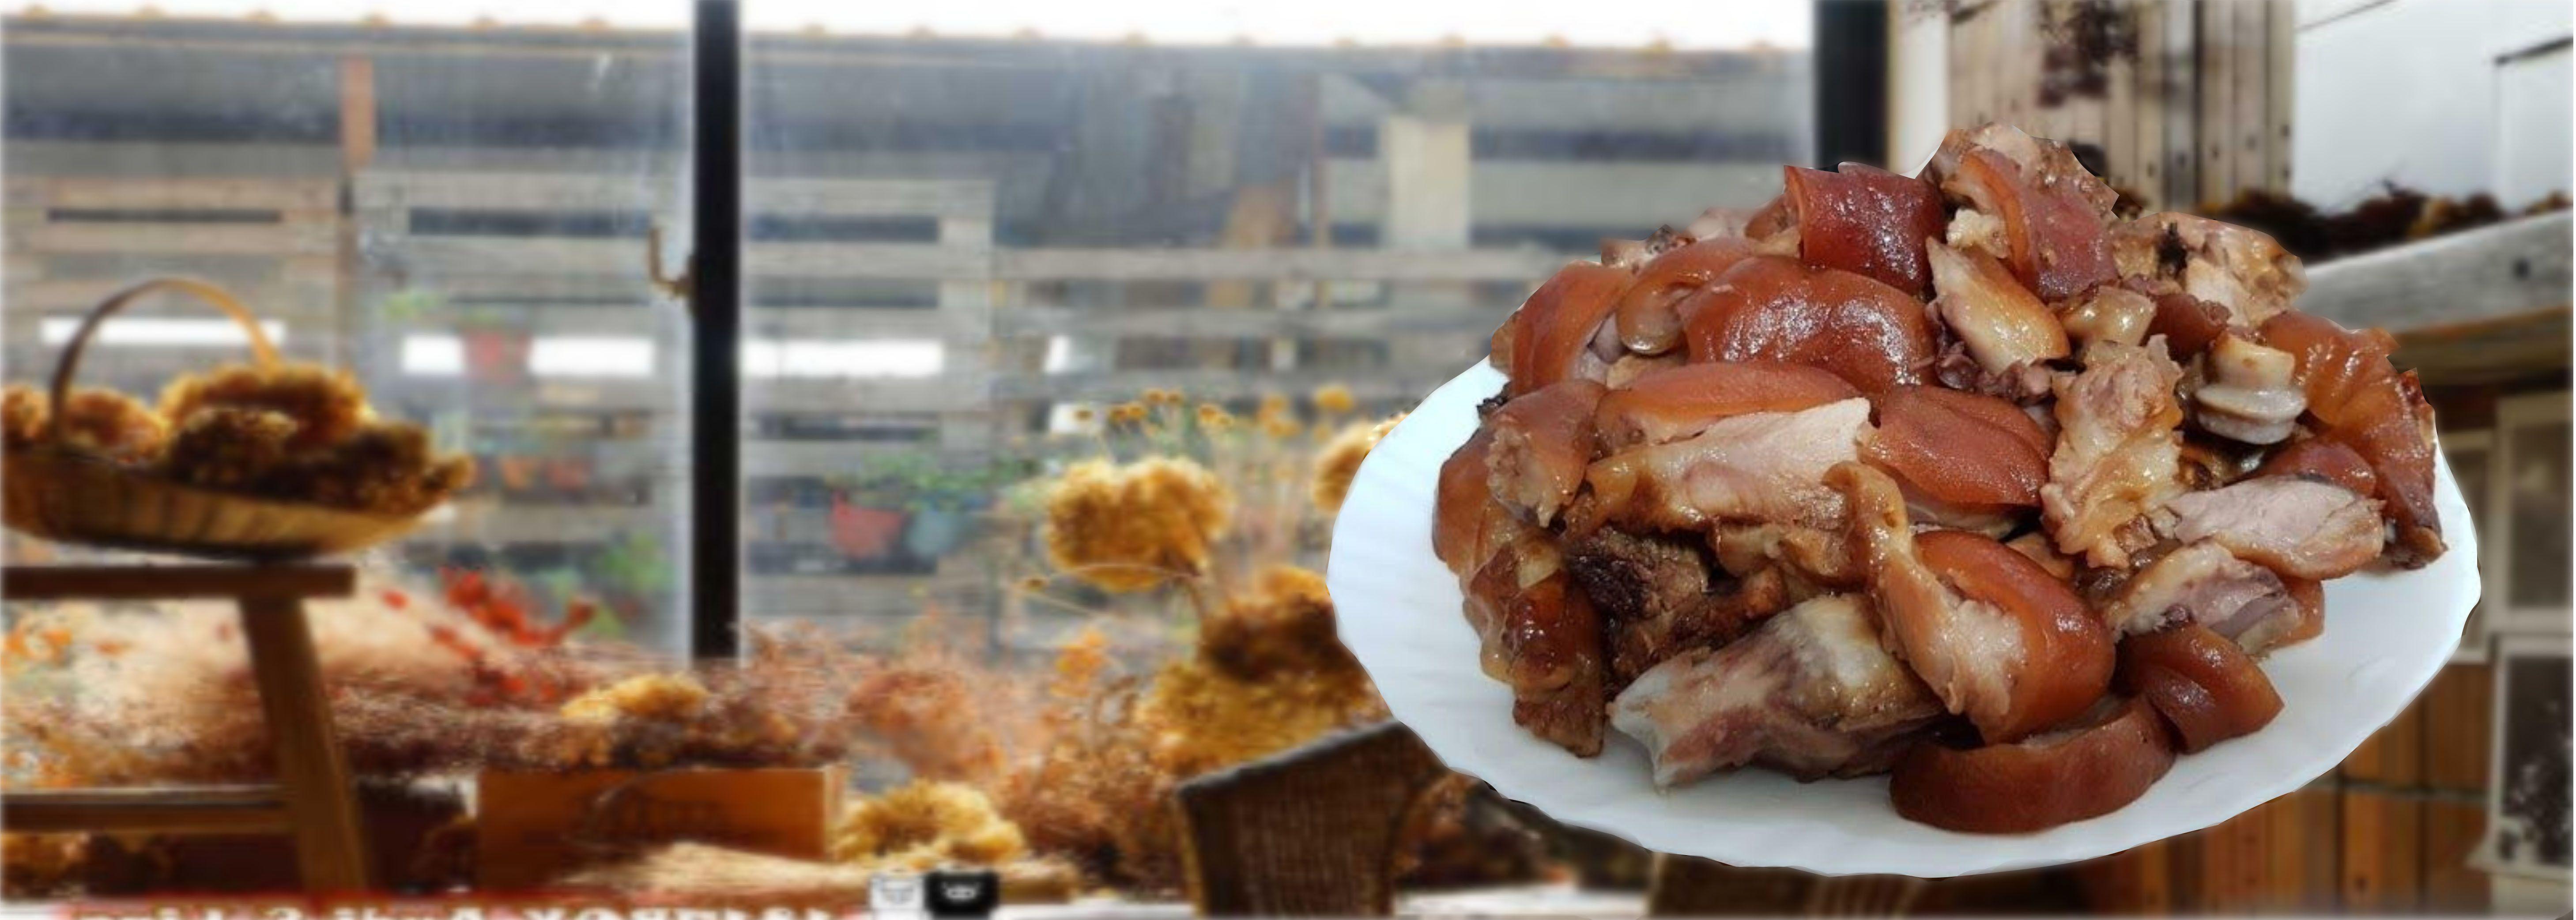 豬腳#香Q有嚼勁,市區訂購有專人送達哦。